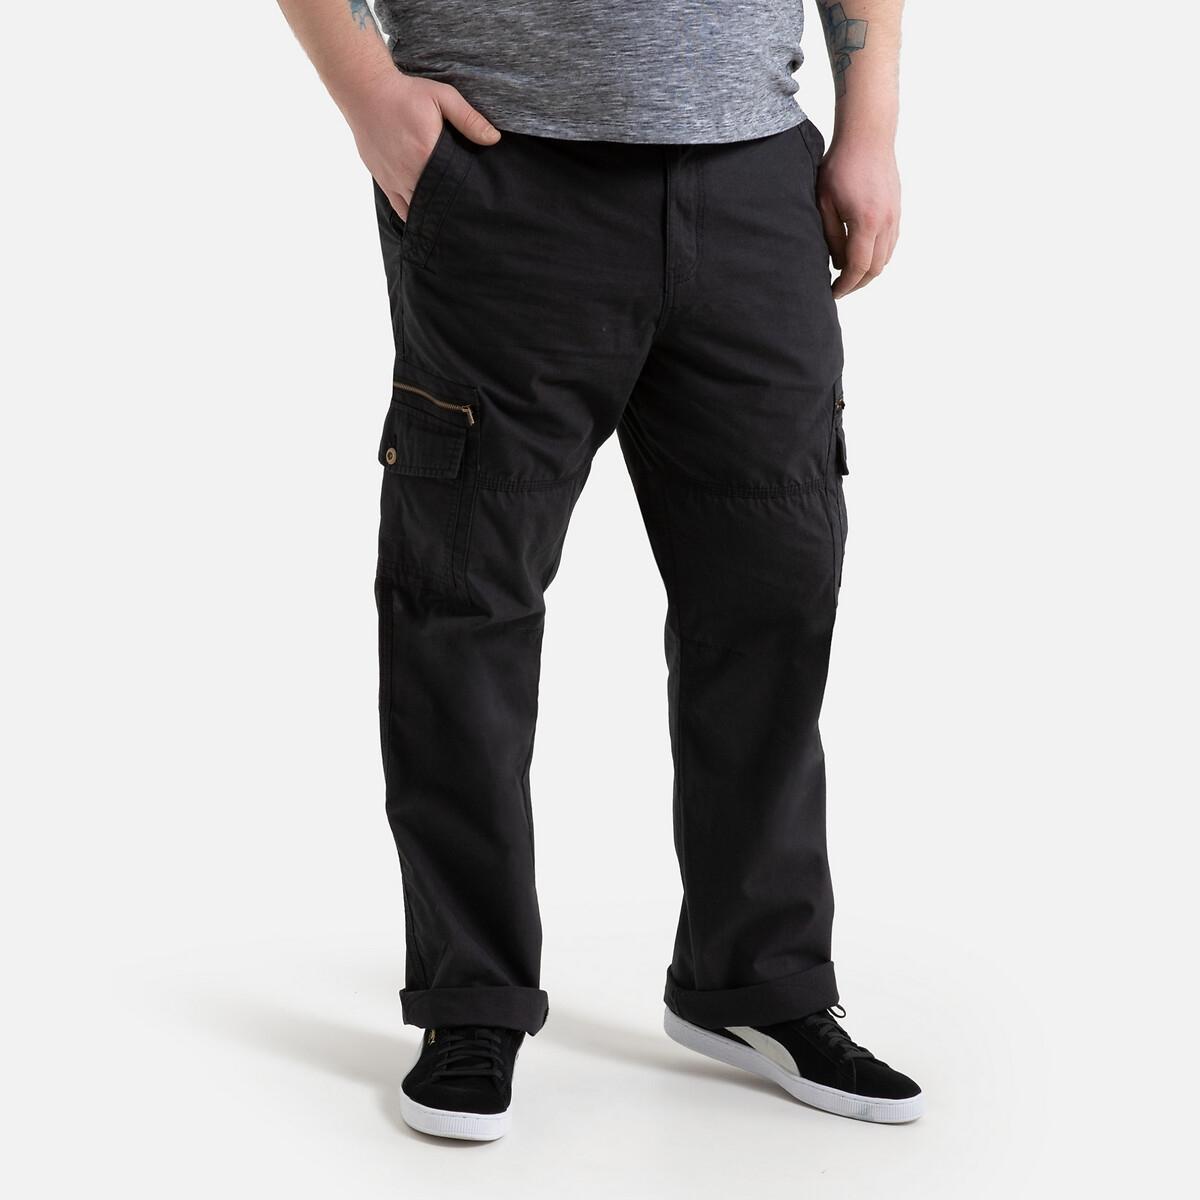 Брюки La Redoute Карго спортивные хлопка 48 (FR) - 54 (RUS) черный брюки la redoute карго хлопок 36 fr 42 rus зеленый